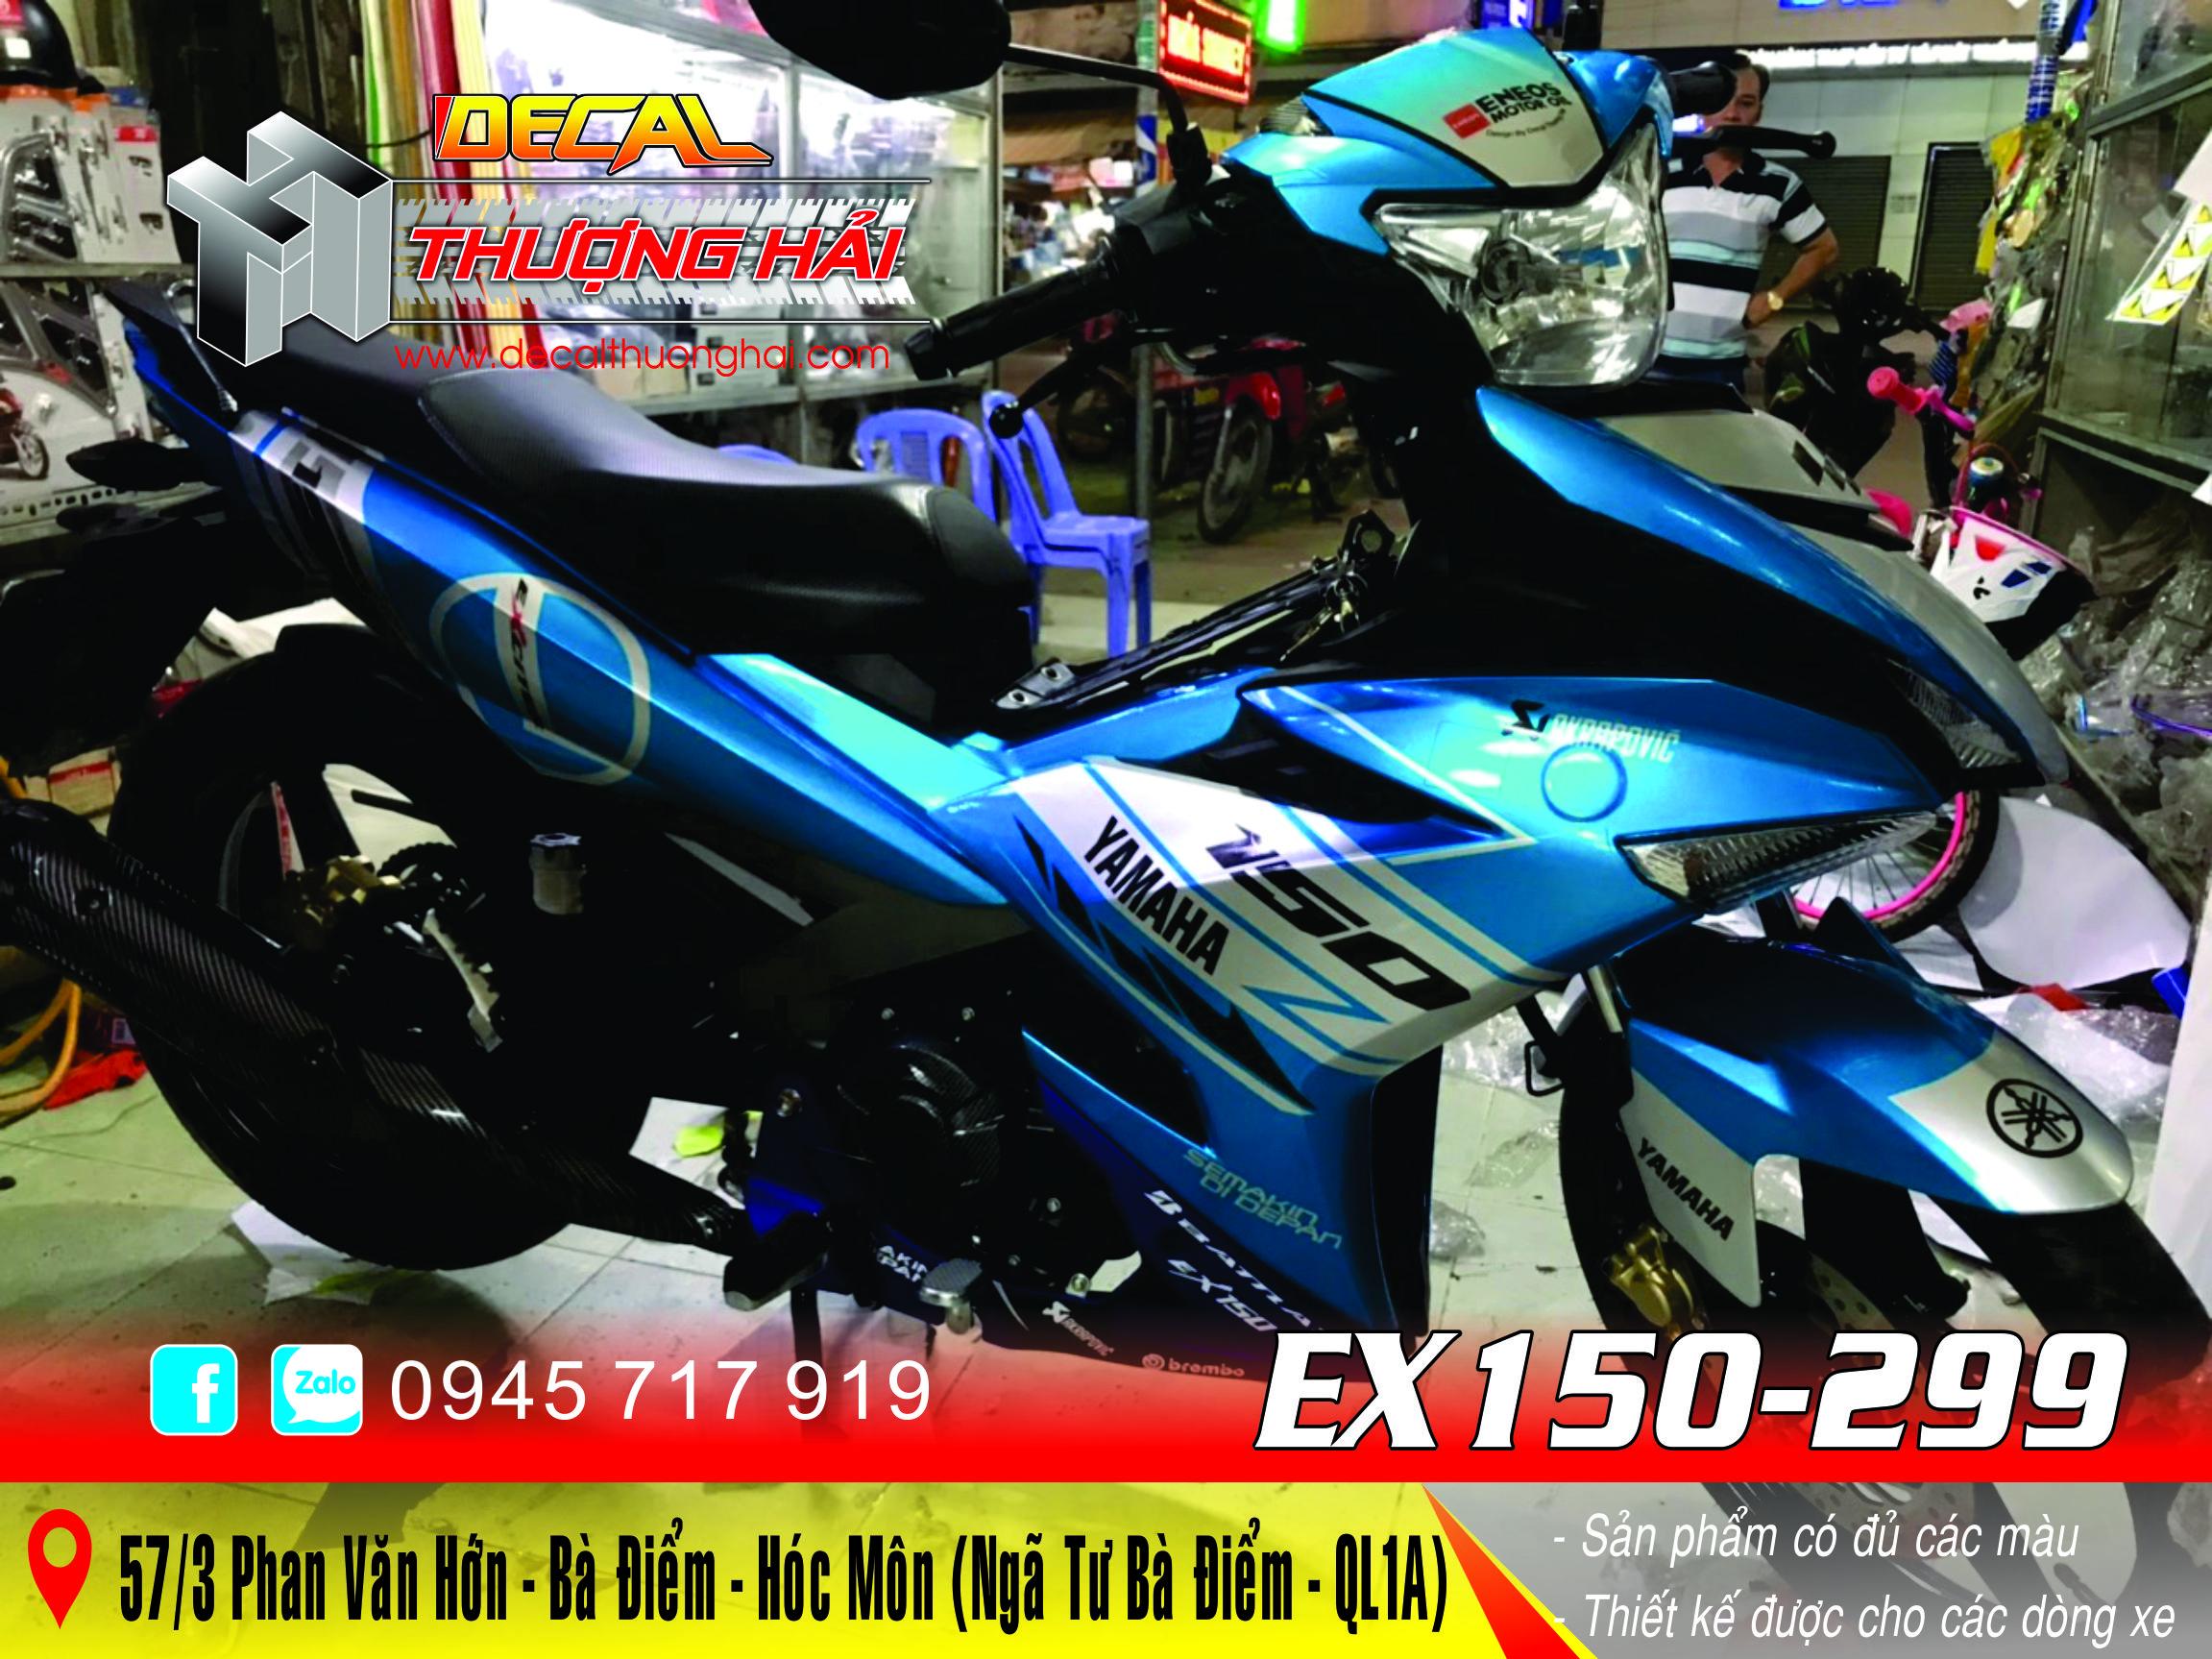 Tem Trùm Exciter 150 Xanh Bạc - 299